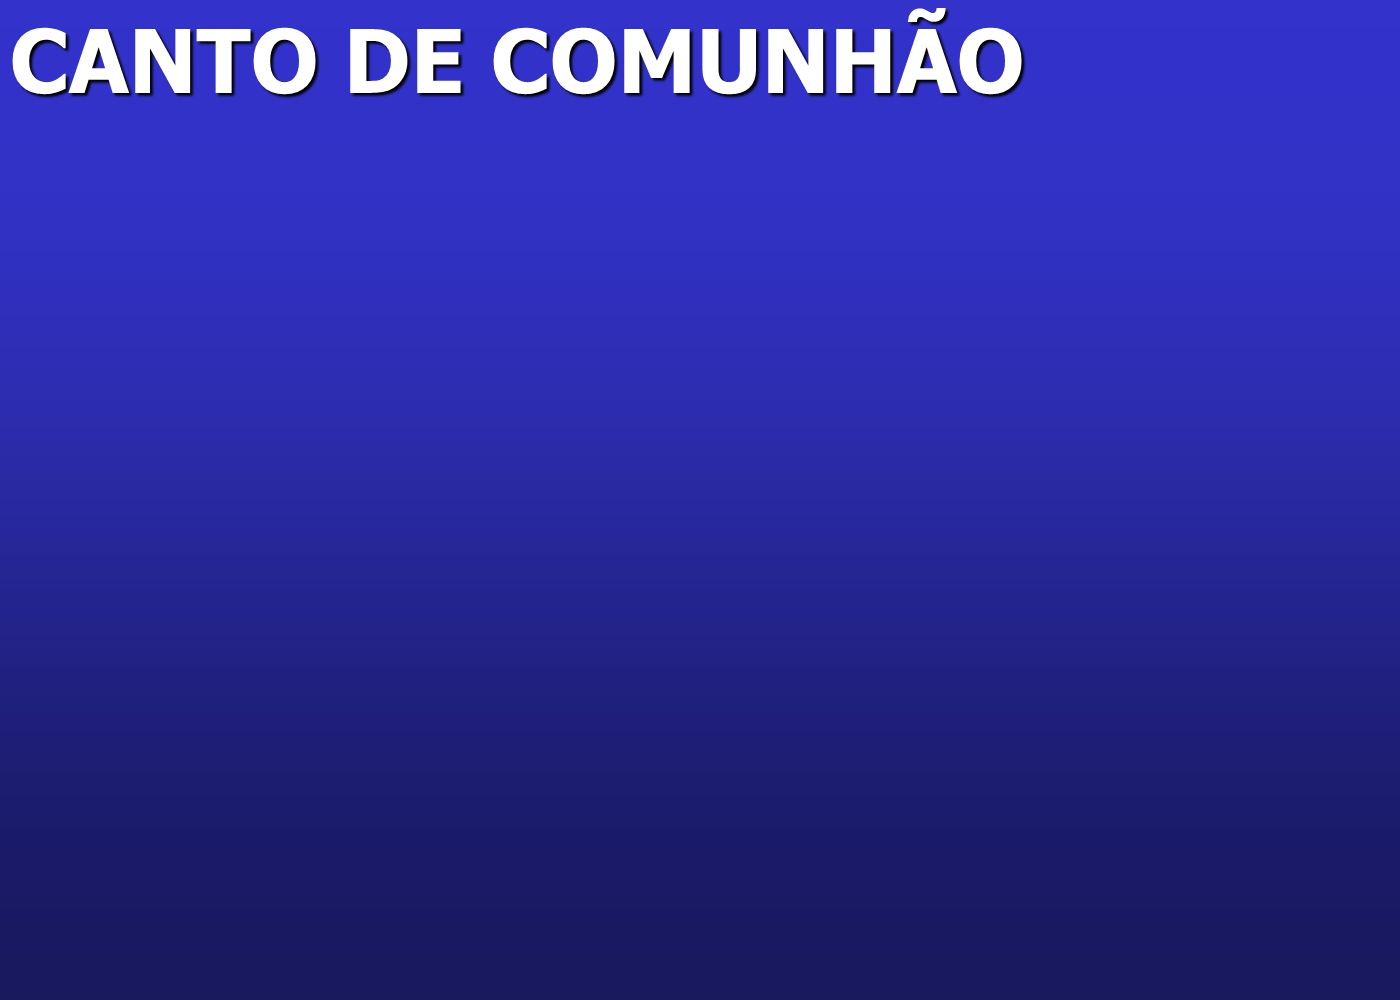 CANTO DE COMUNHÃO